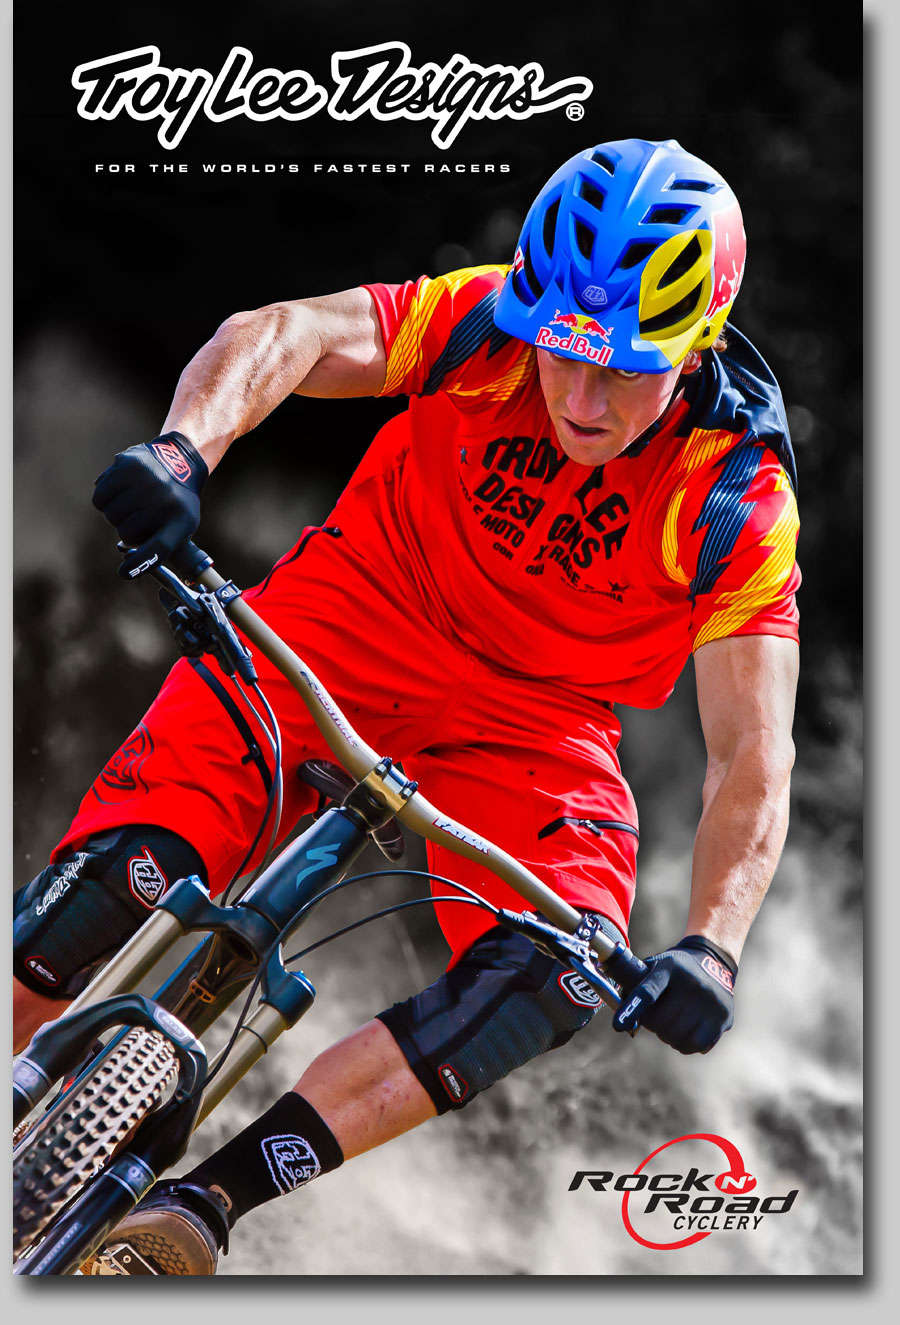 Troy Lee Designs Rock N Road Cyclery Orange County California